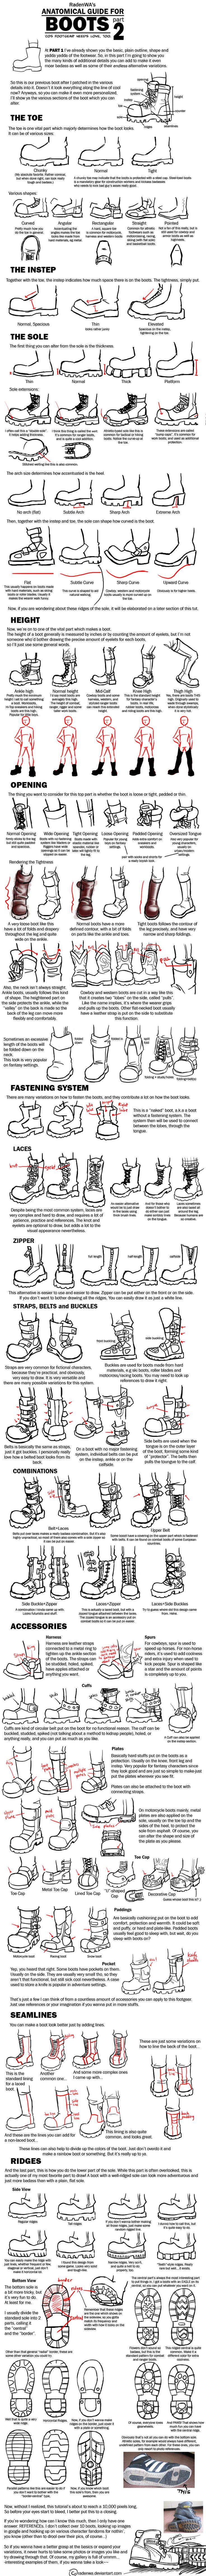 WA's BOOT Anatomy Tutorial Pt2 by *RadenWA on deviantART